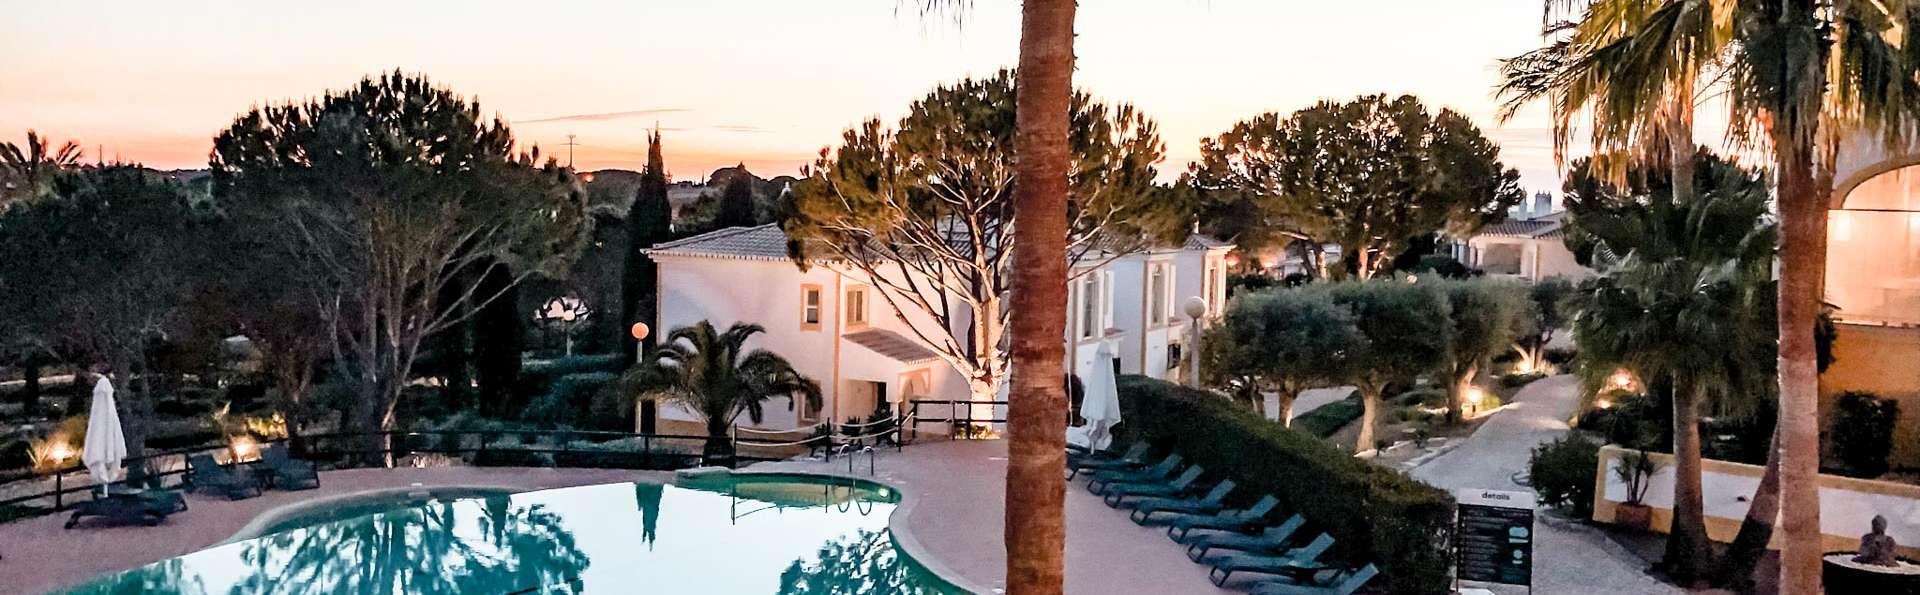 Amour dans l'air: dîner romantique aux chandelles en Algarve (à partir de 2 nuits)